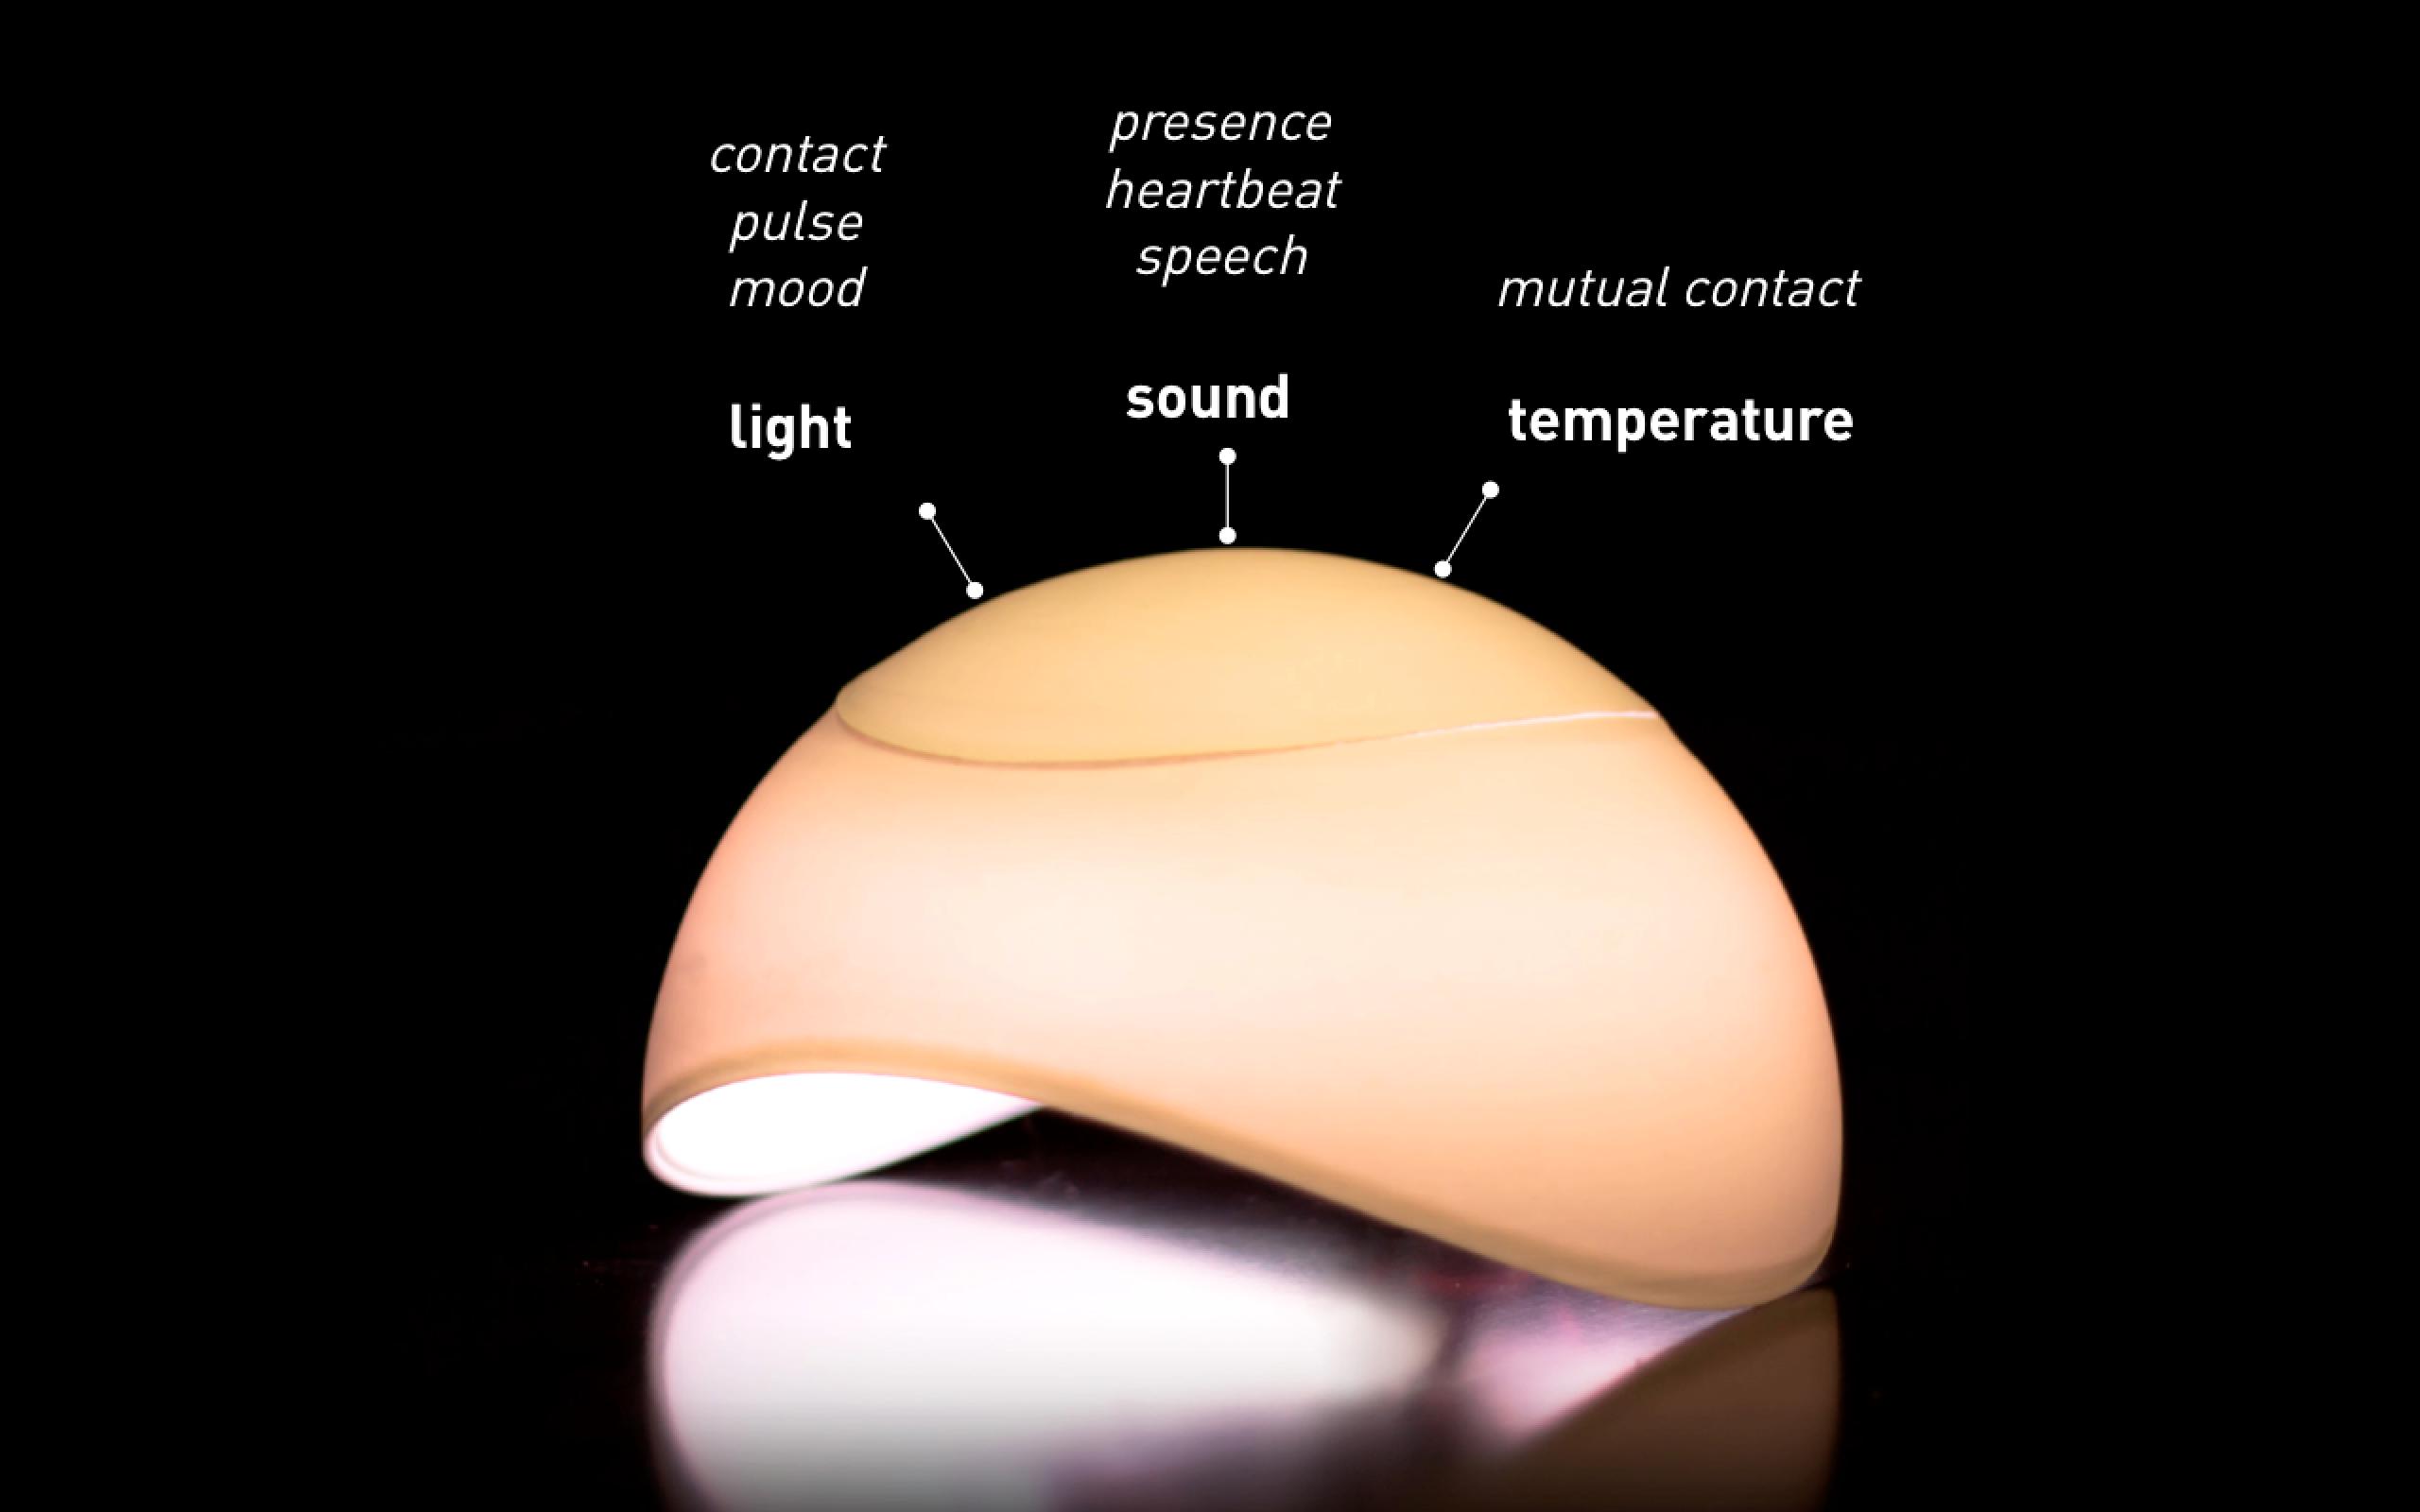 Übersicht über das sensorische Spektrum junos